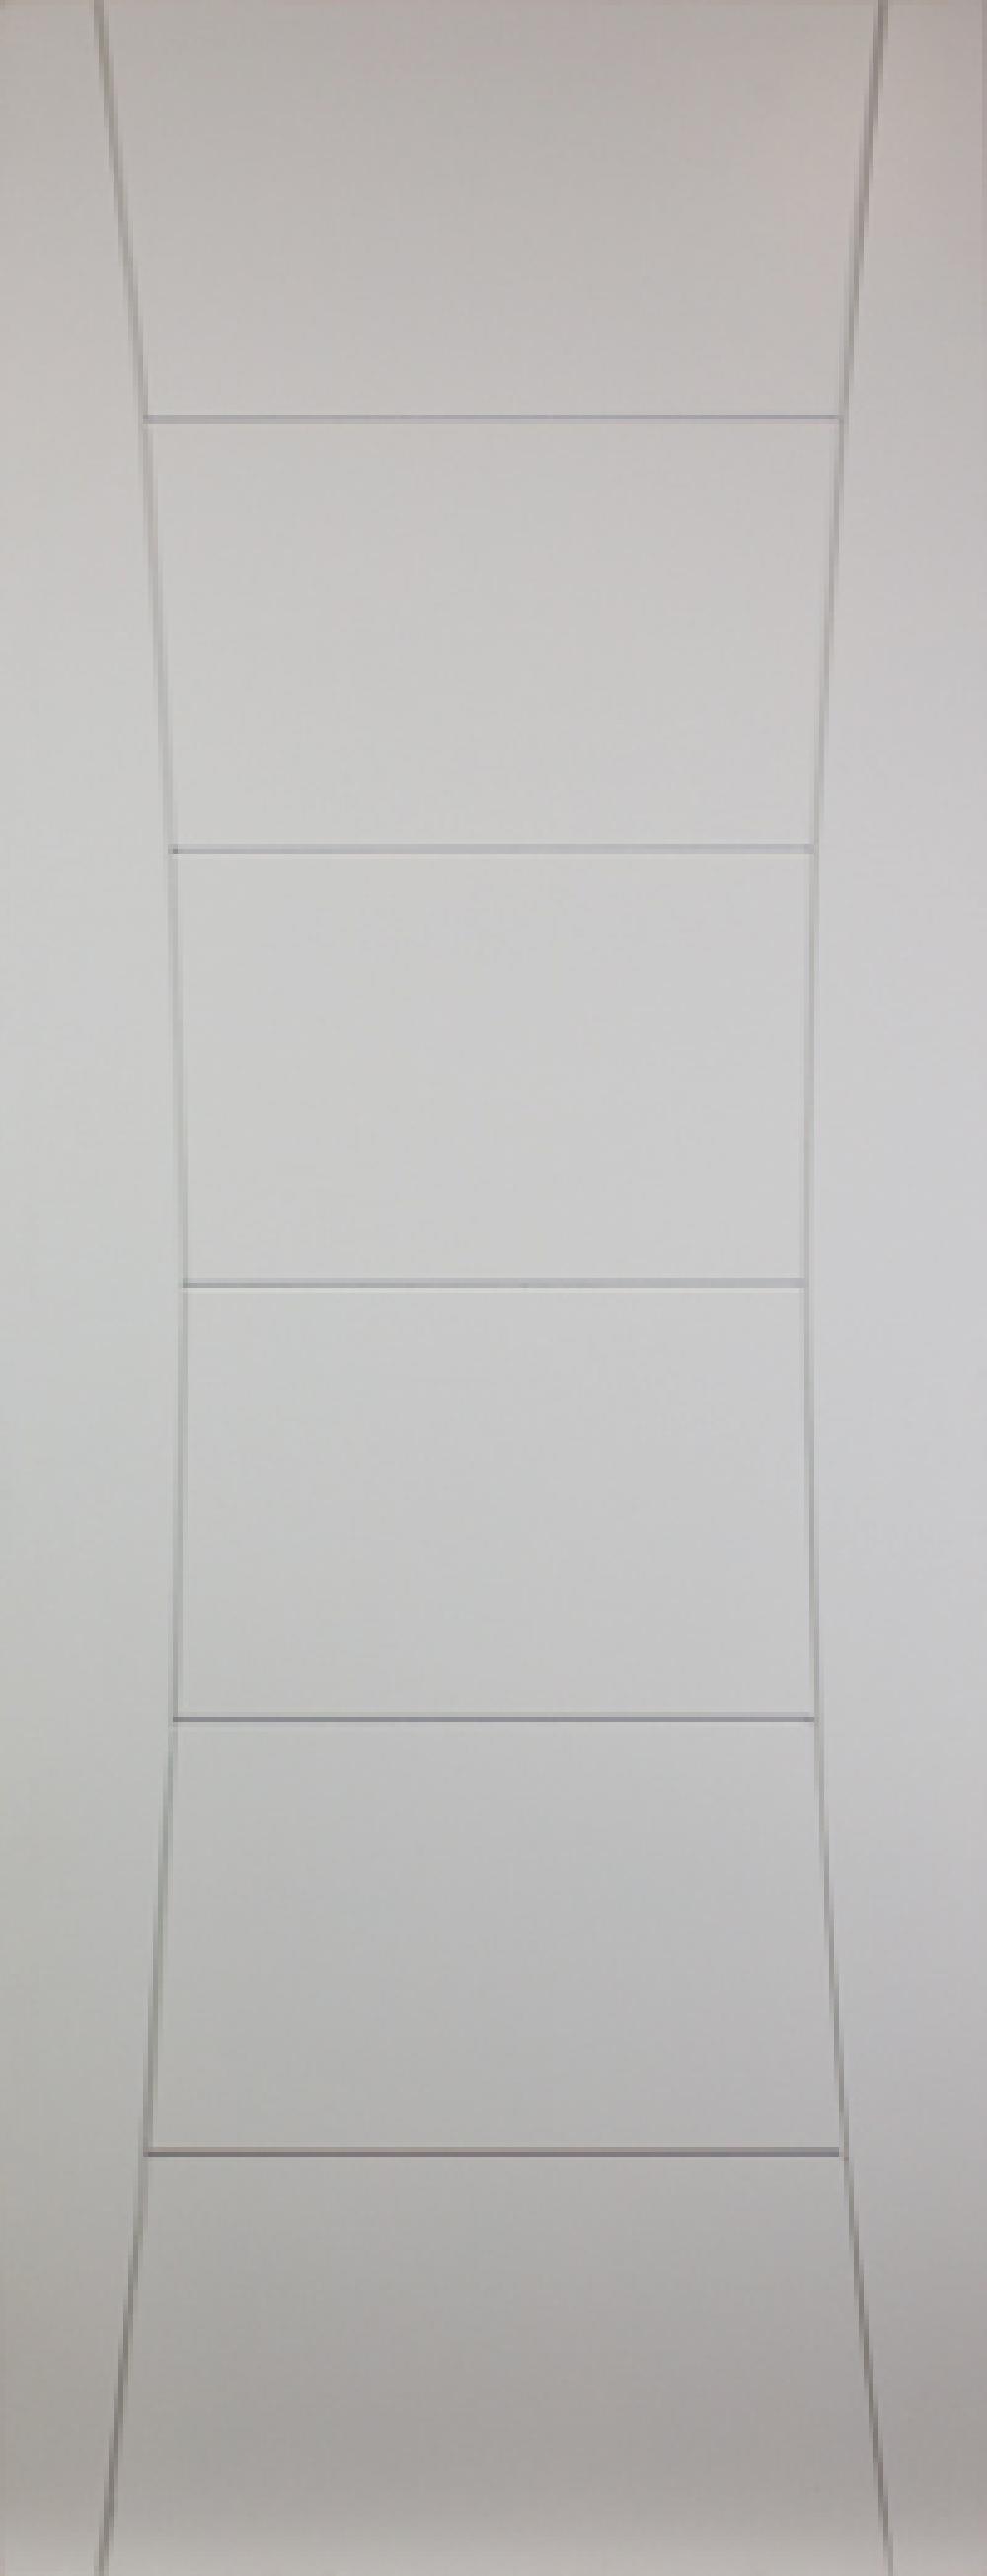 Pamplona White Primed Door